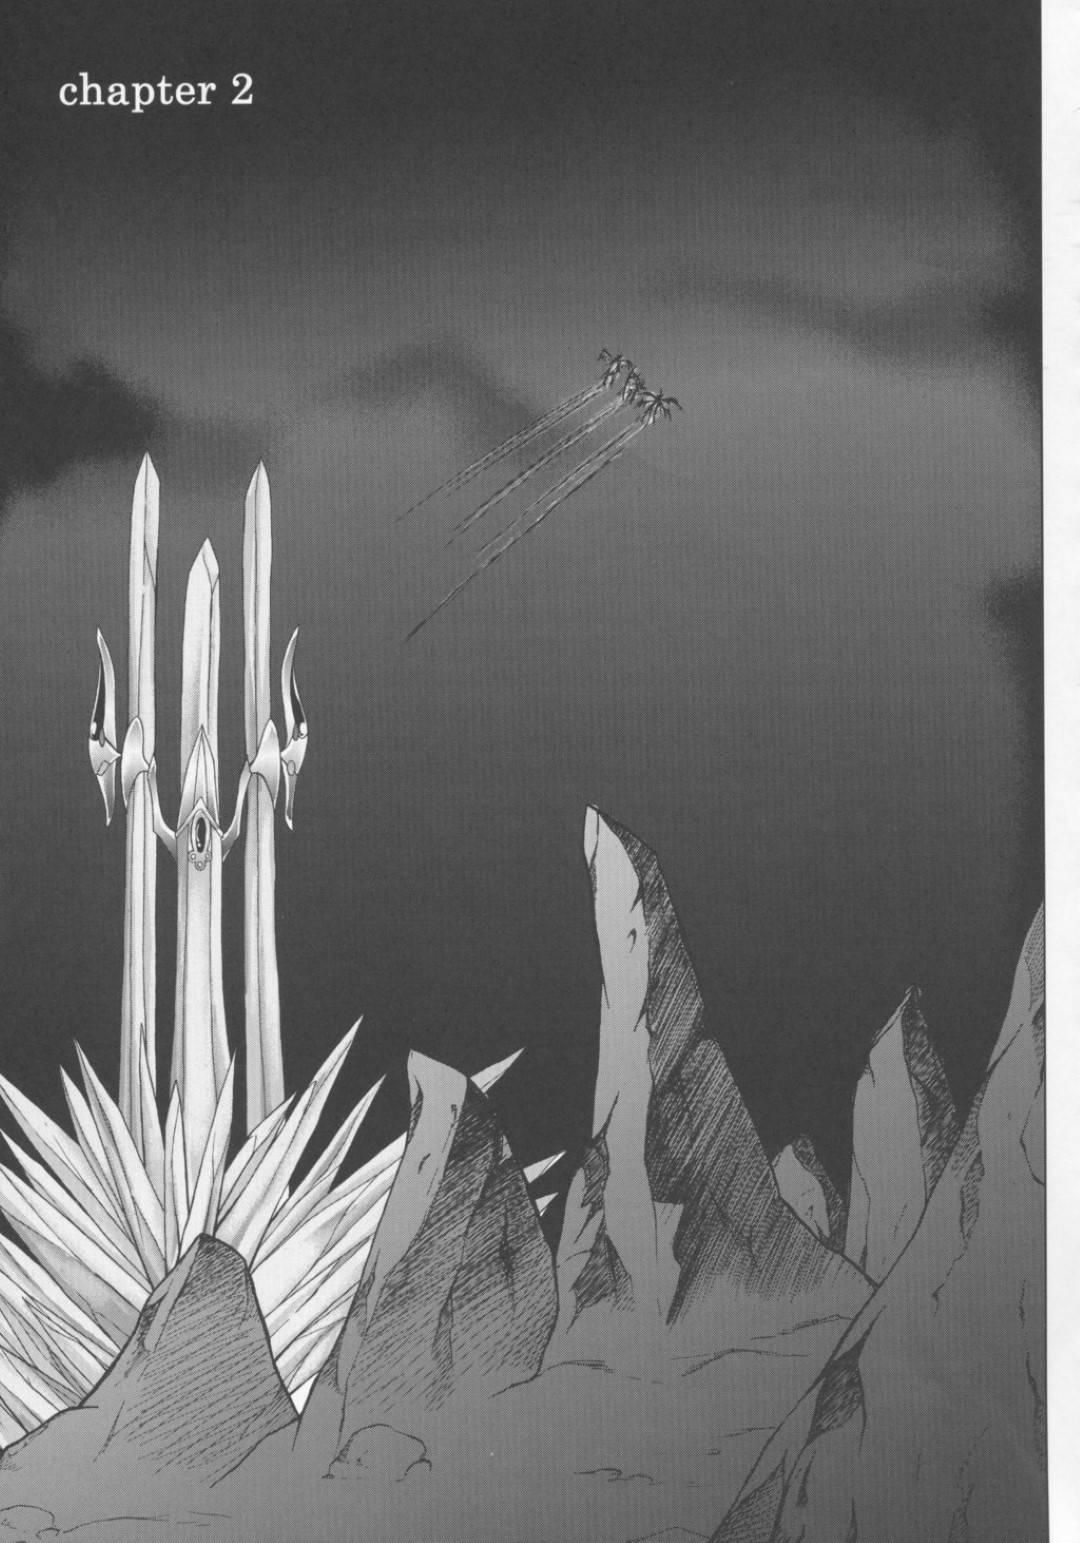 【エロ同人誌】ノヴァに寄生させられた生物の刺激に耐えられなくなってしまった獅童光…海と風にも事情を話せず休ませてもらい、オナニーを始めてしまう!絶頂したタイミングでその様子を悦んで見ていたノヴァは光を誘拐!【和泉, 冷泉:Centris/魔法騎士レイアース】